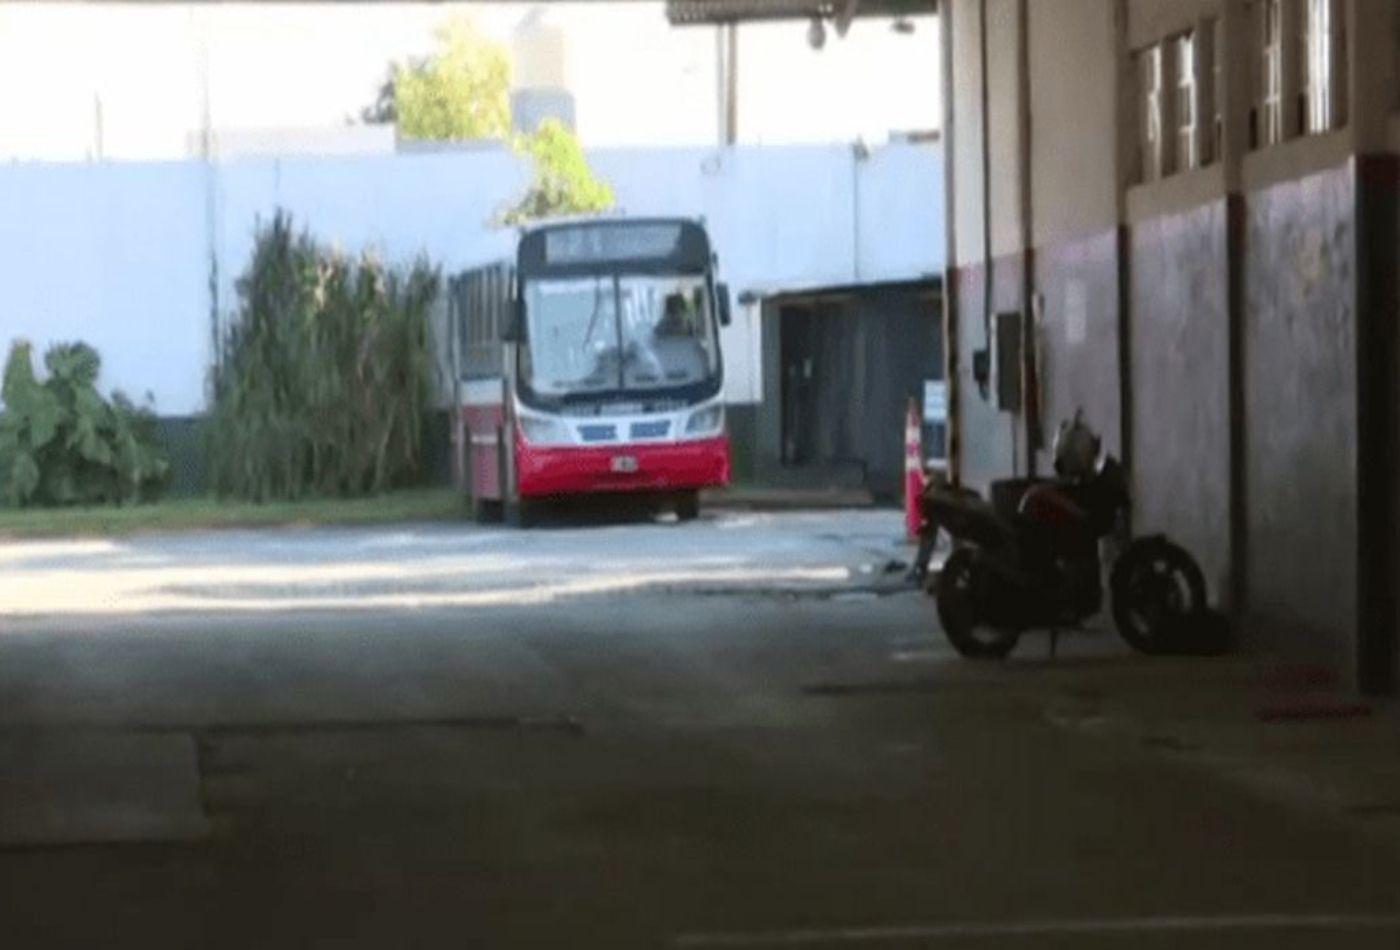 En este playón la empresa MOESA en Lanús sucedió el accidente por el cual el chófer afronta una causa por homicidio.